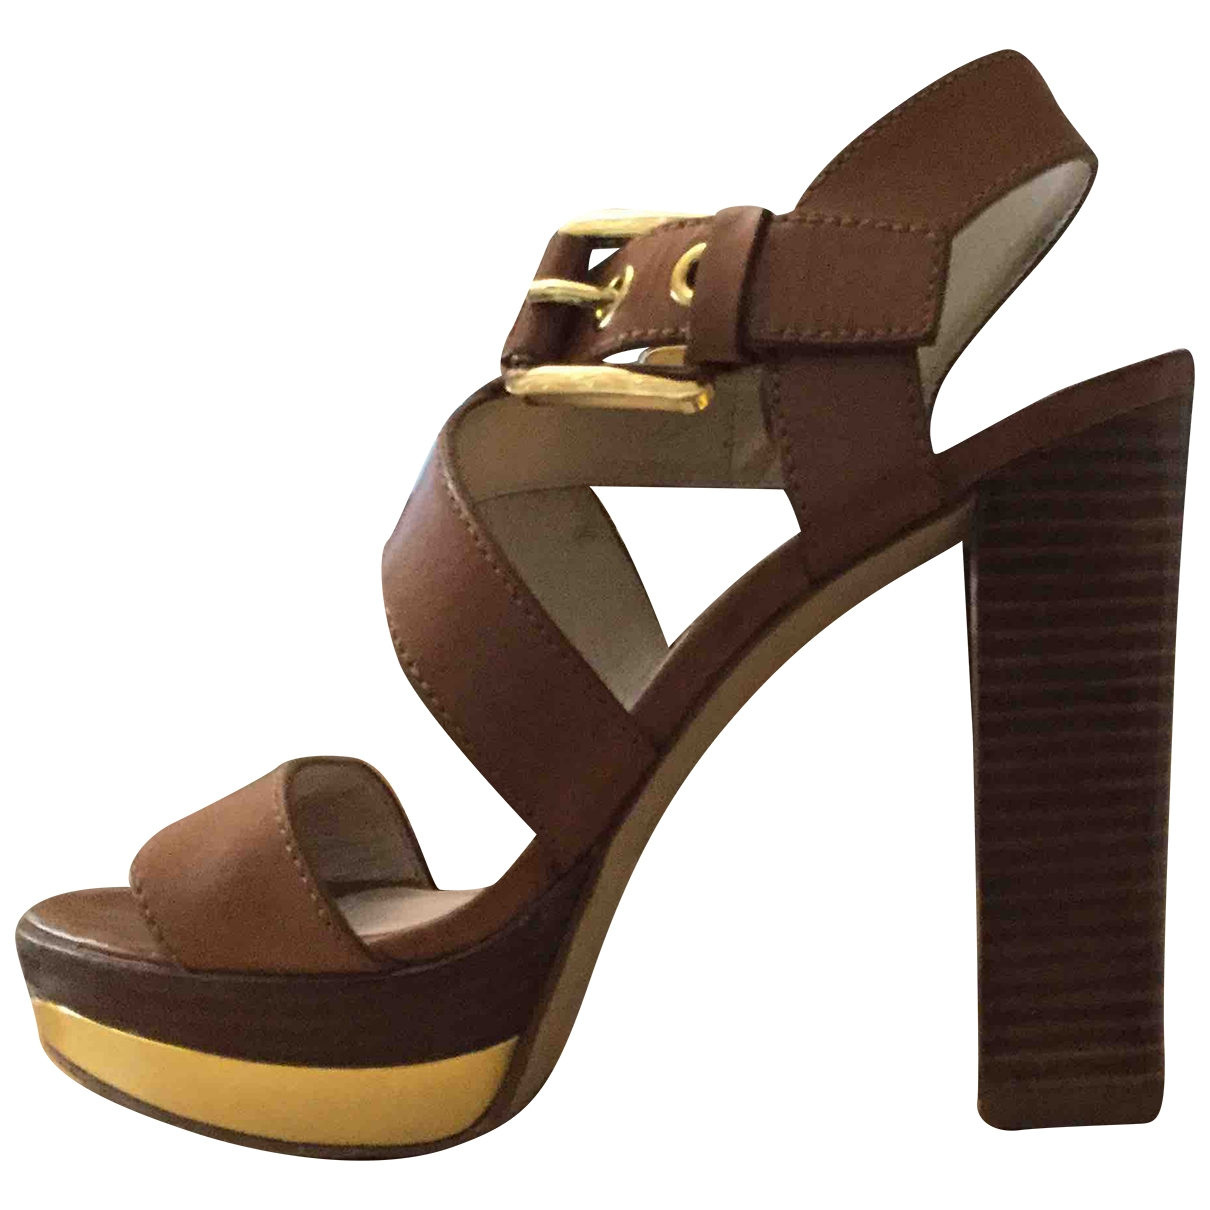 Michael Kors - Sandales   pour femme en cuir - marron